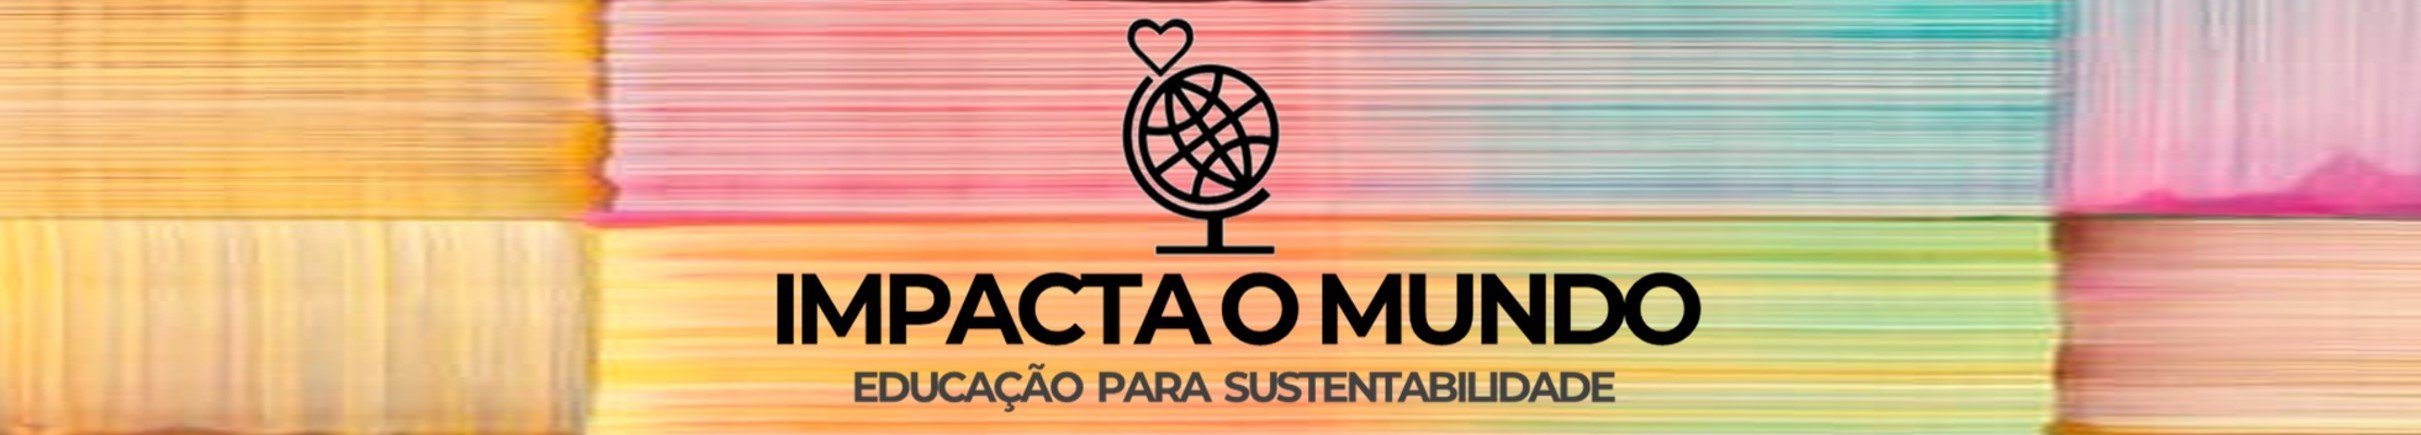 @impactaomundo